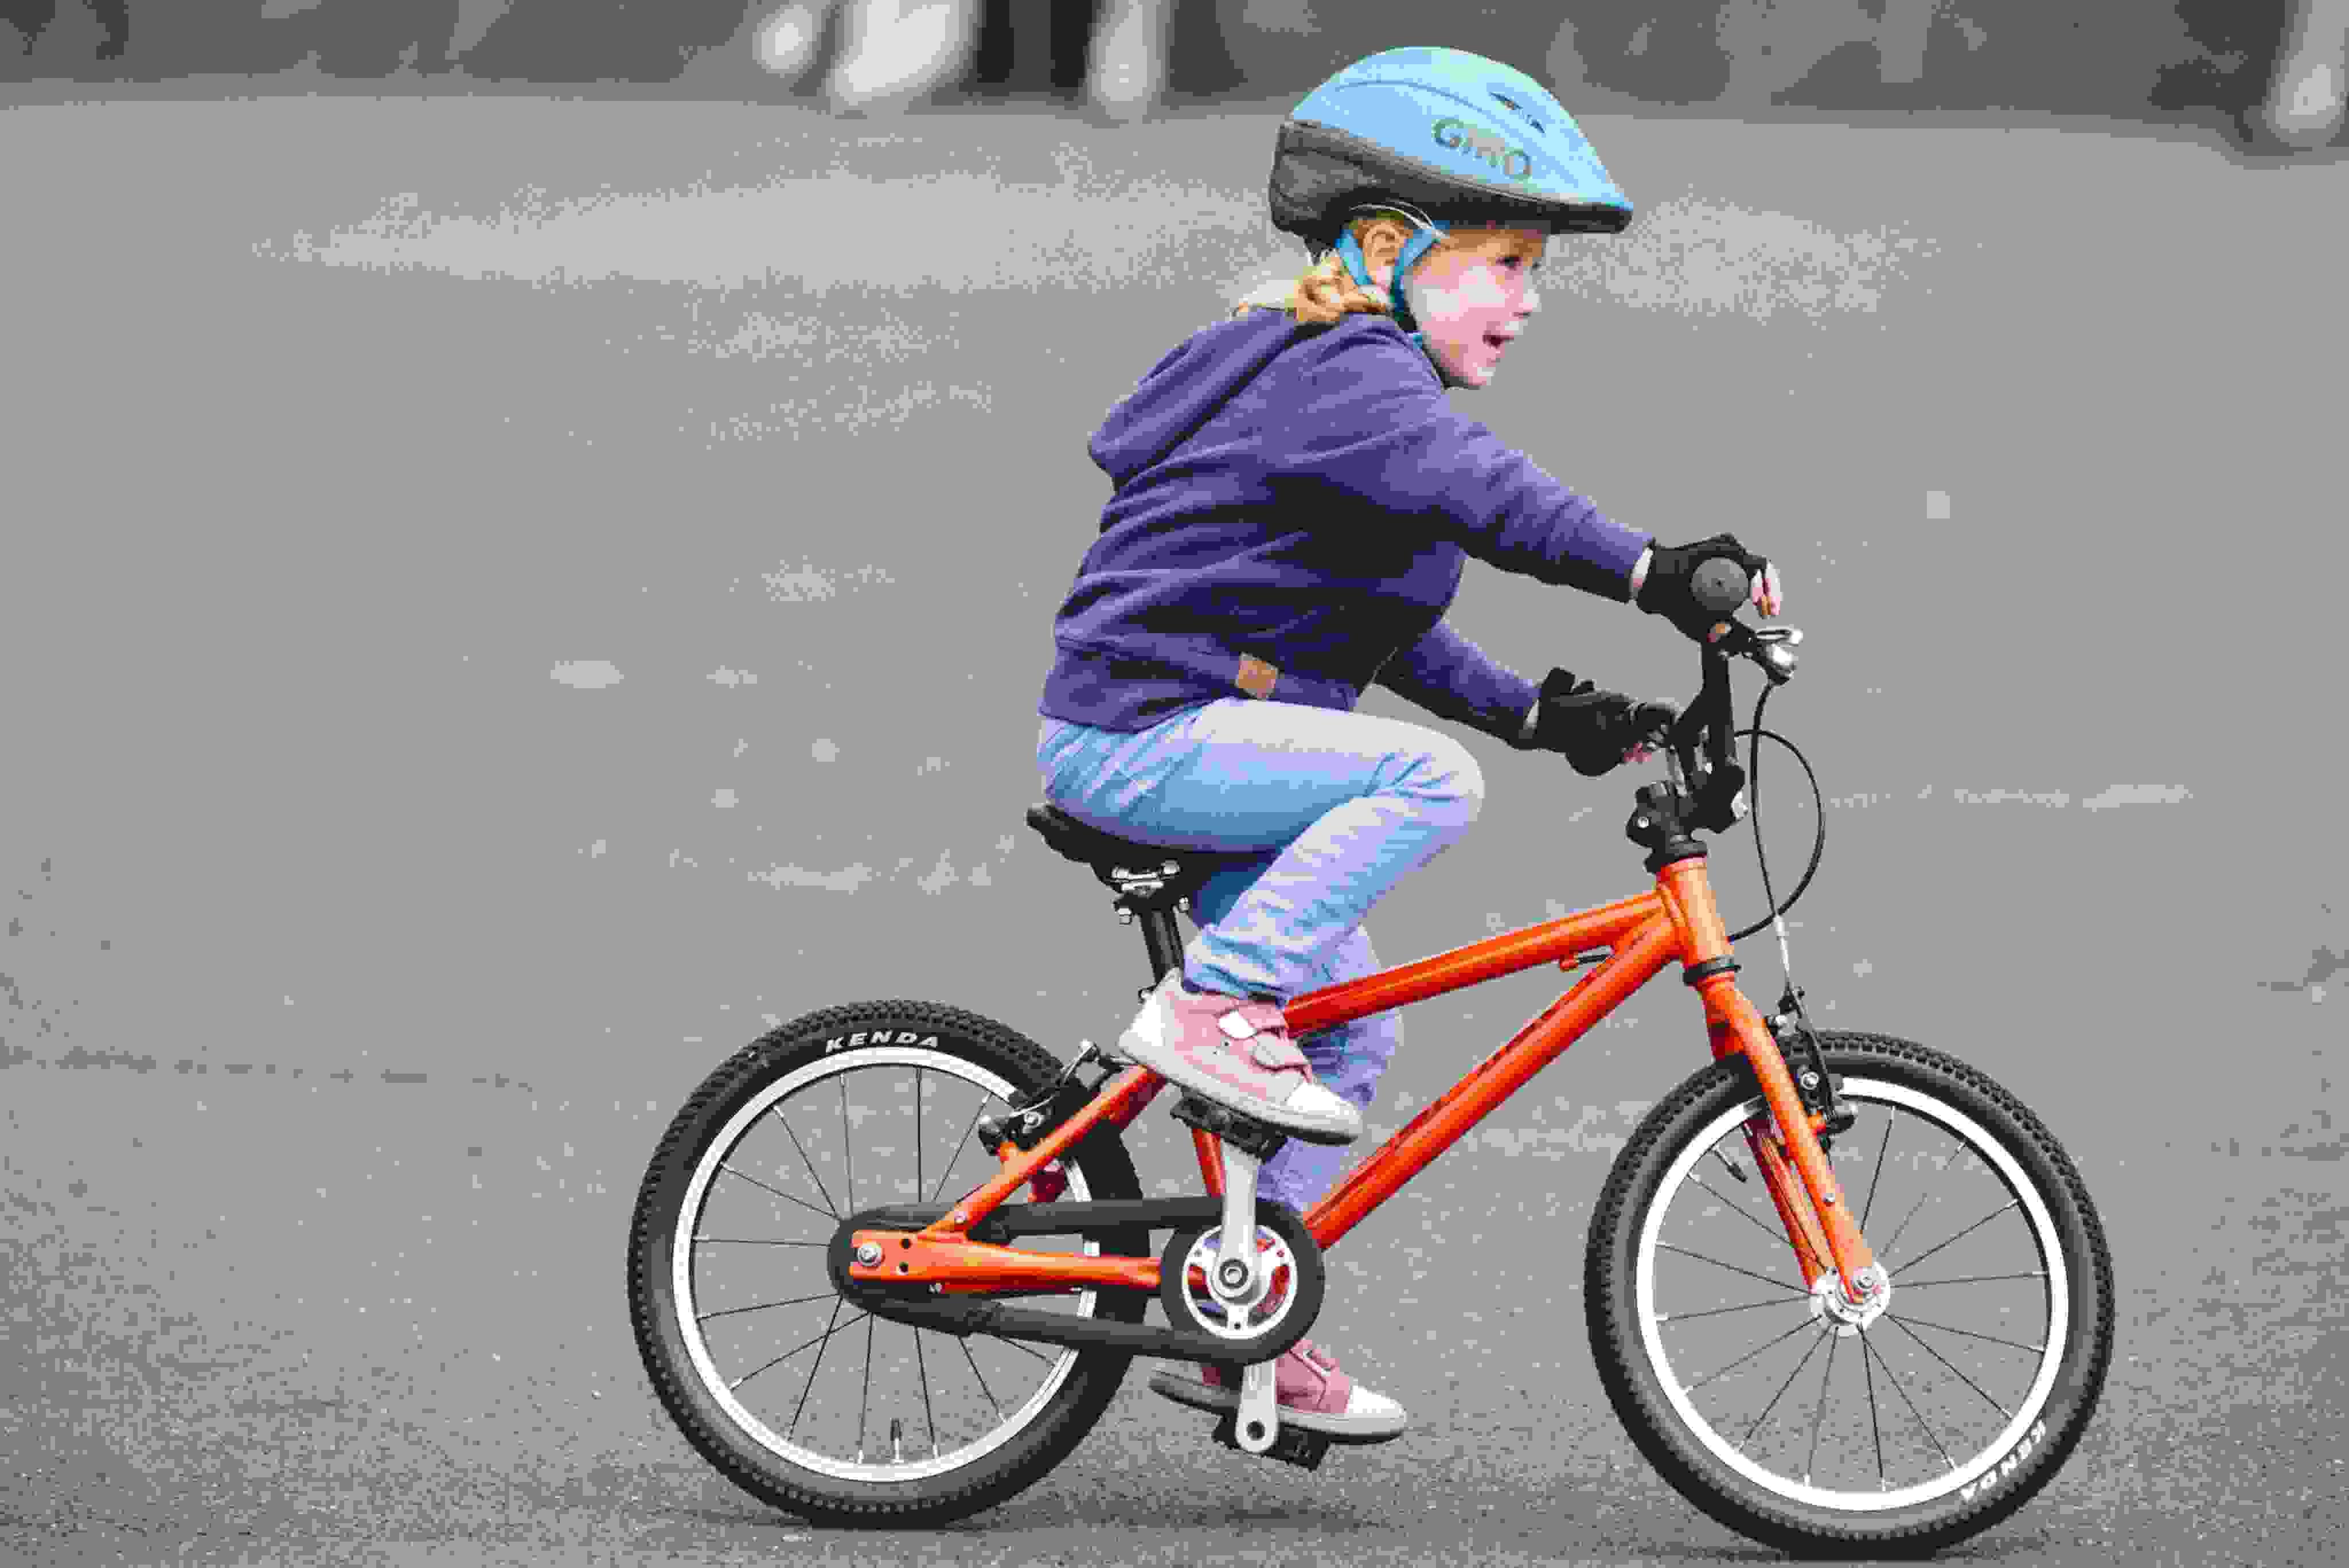 ensenar-nino-montar-bici-ideas